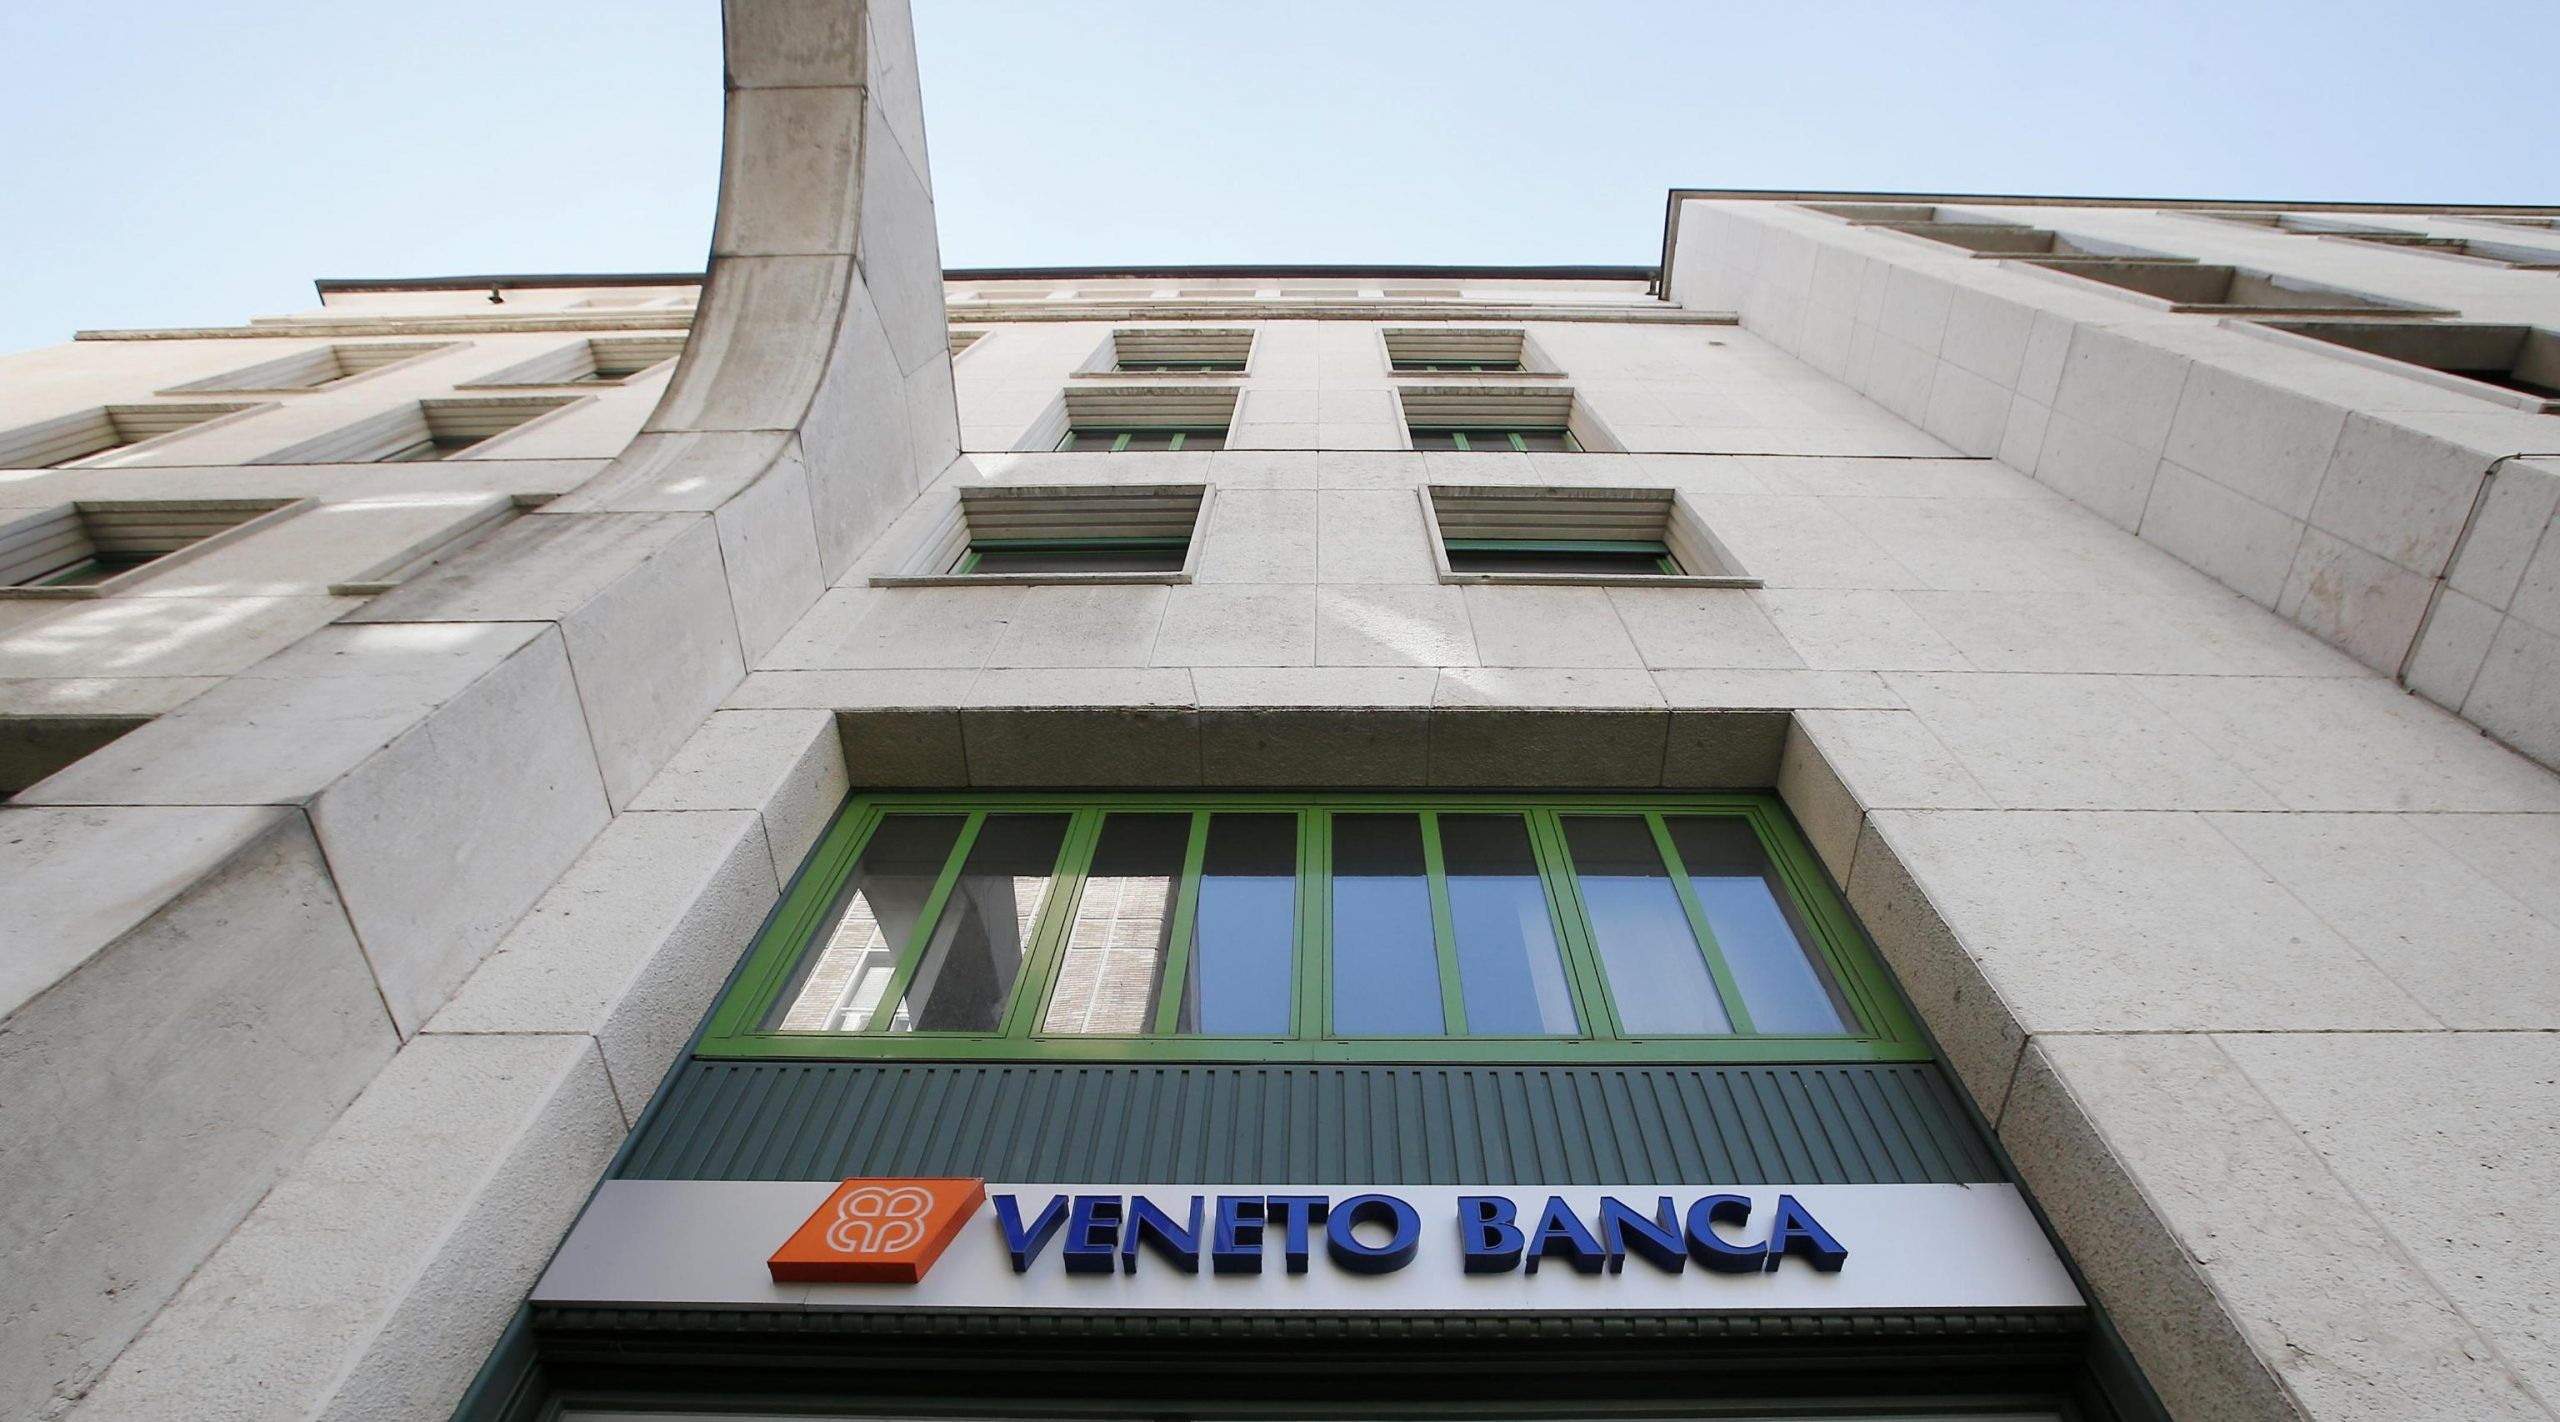 ++ Banche venete:via libera Cdm a decreto per salvataggio ++